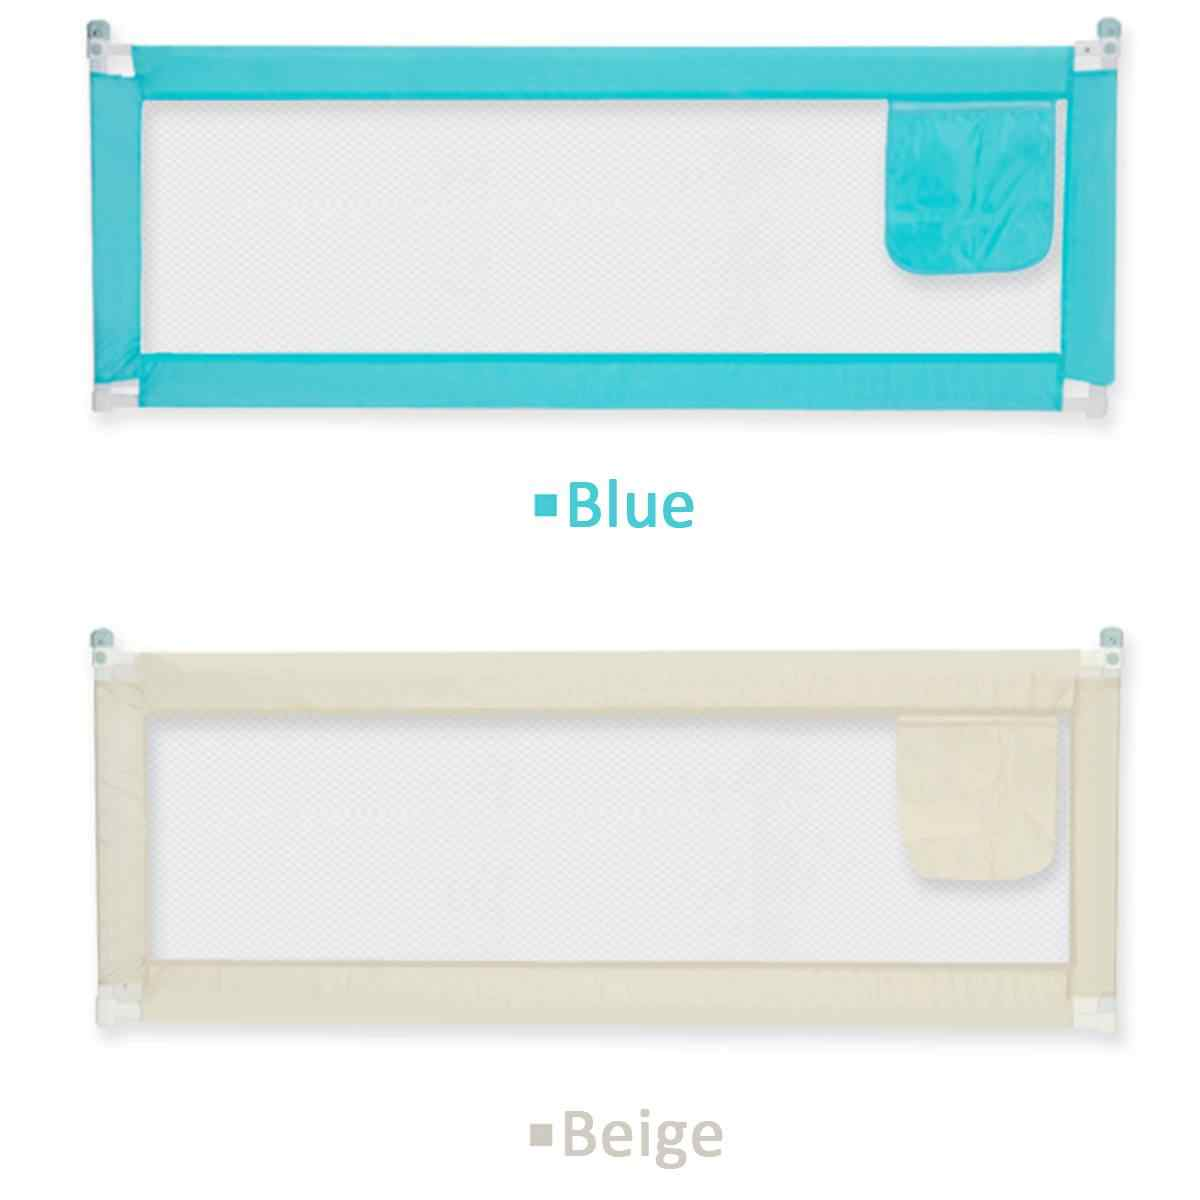 ใหม่ 1.5-2m Blue/Beig ทารกแรกเกิดรั้วความปลอดภัยยามปรับเตียงเตียงเด็กทารกกระเป๋า Playpen เตียงเด็ก Guardrail Crib Rail